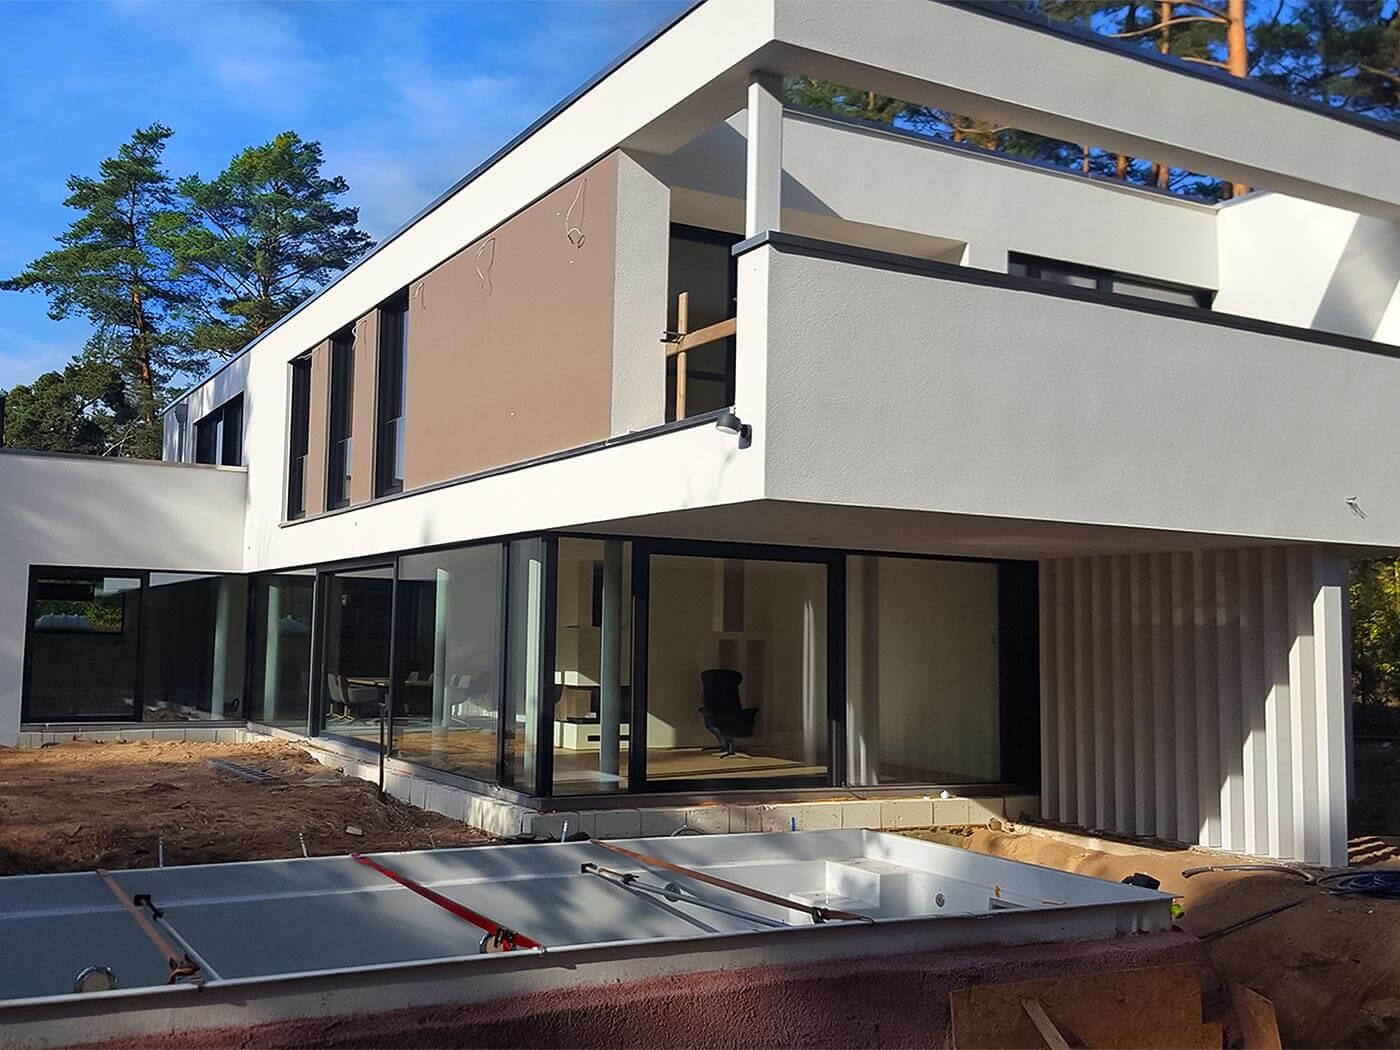 Baustelle - Ein modernes Haus mit pool